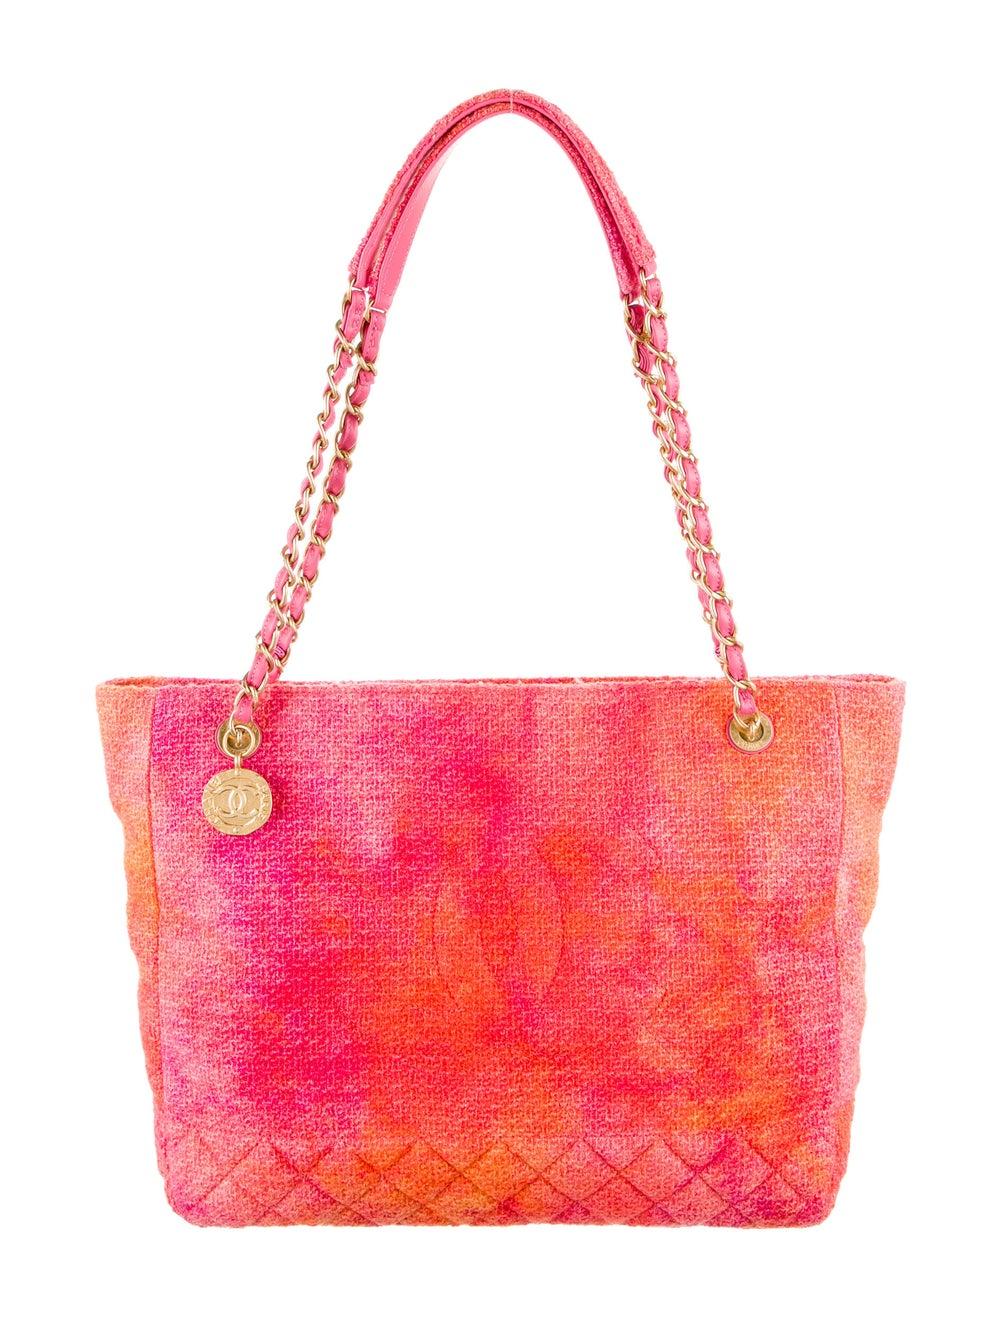 Chanel 2020 Tweed Large Shopping Bag Pink - image 1